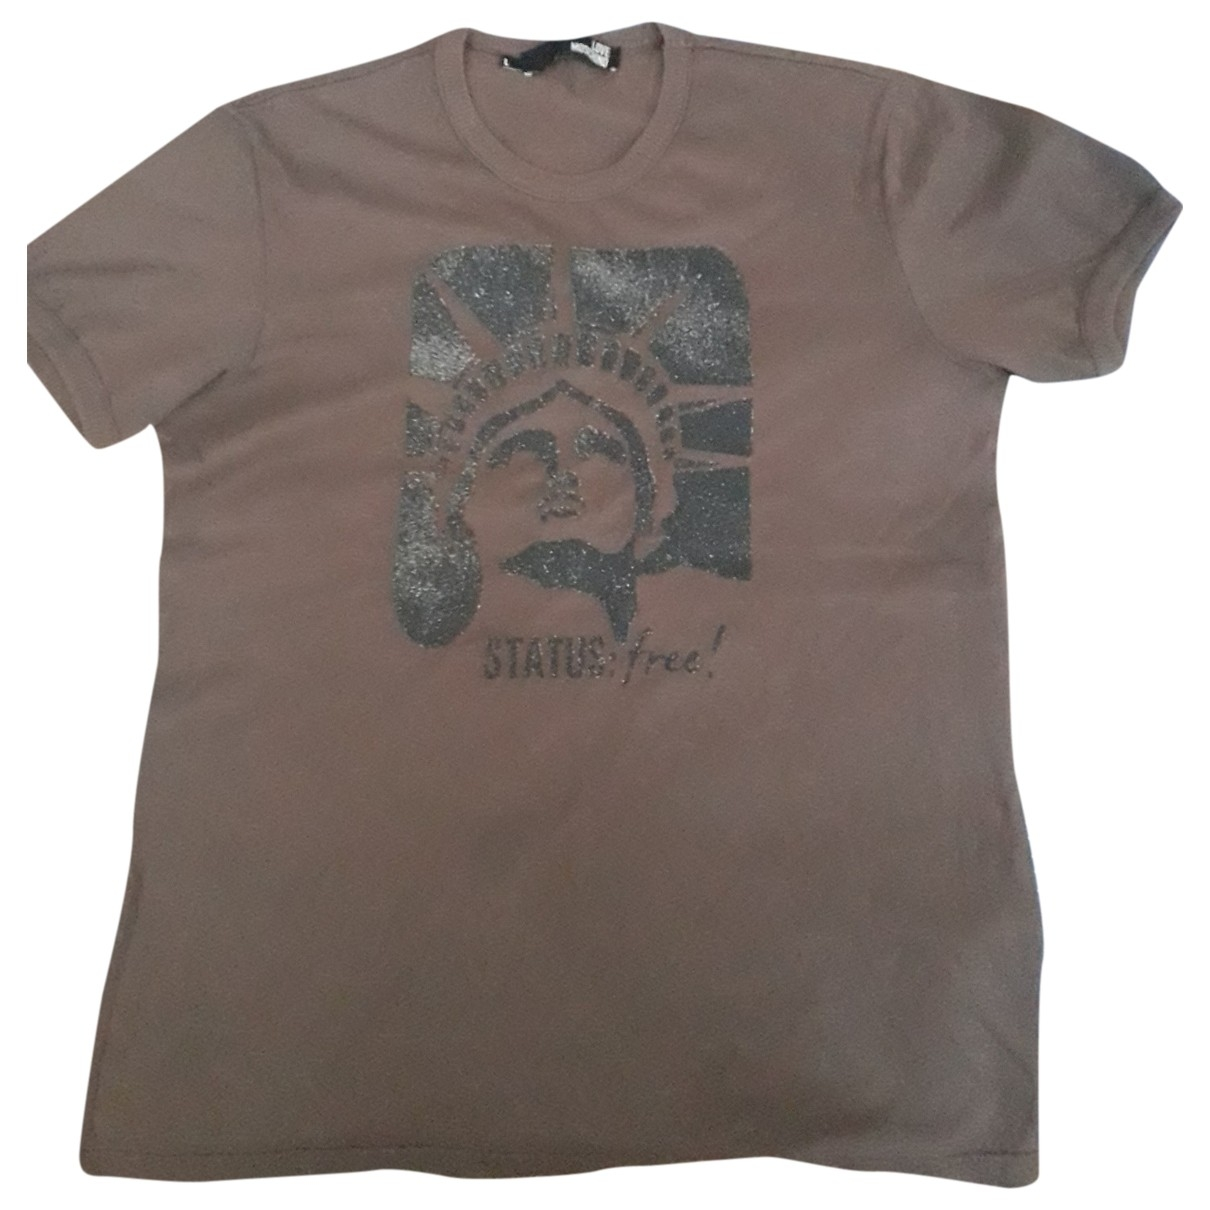 Moschino Love - Tee shirts   pour homme en coton - marron